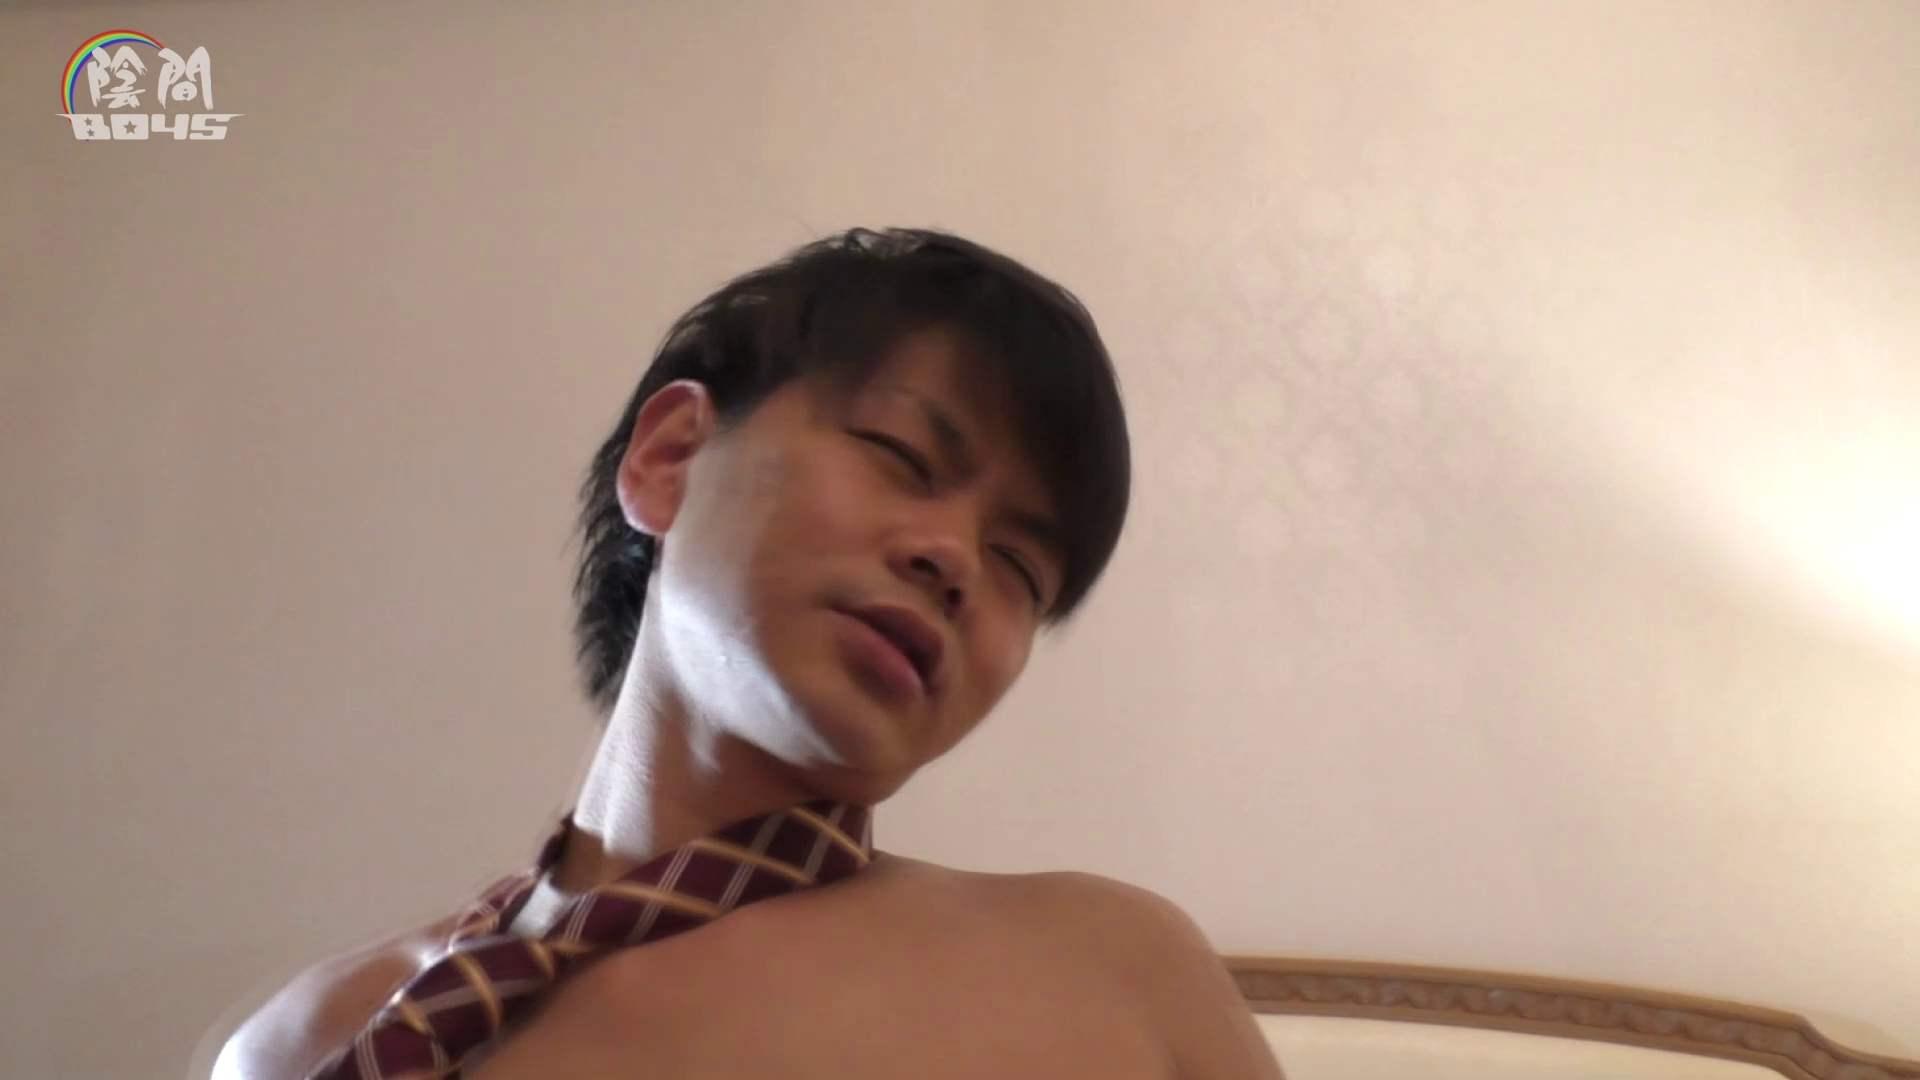 陰間BOYS~キャバクラの仕事はアナルから4 Vol.03 エッチ ゲイ無修正ビデオ画像 93枚 14